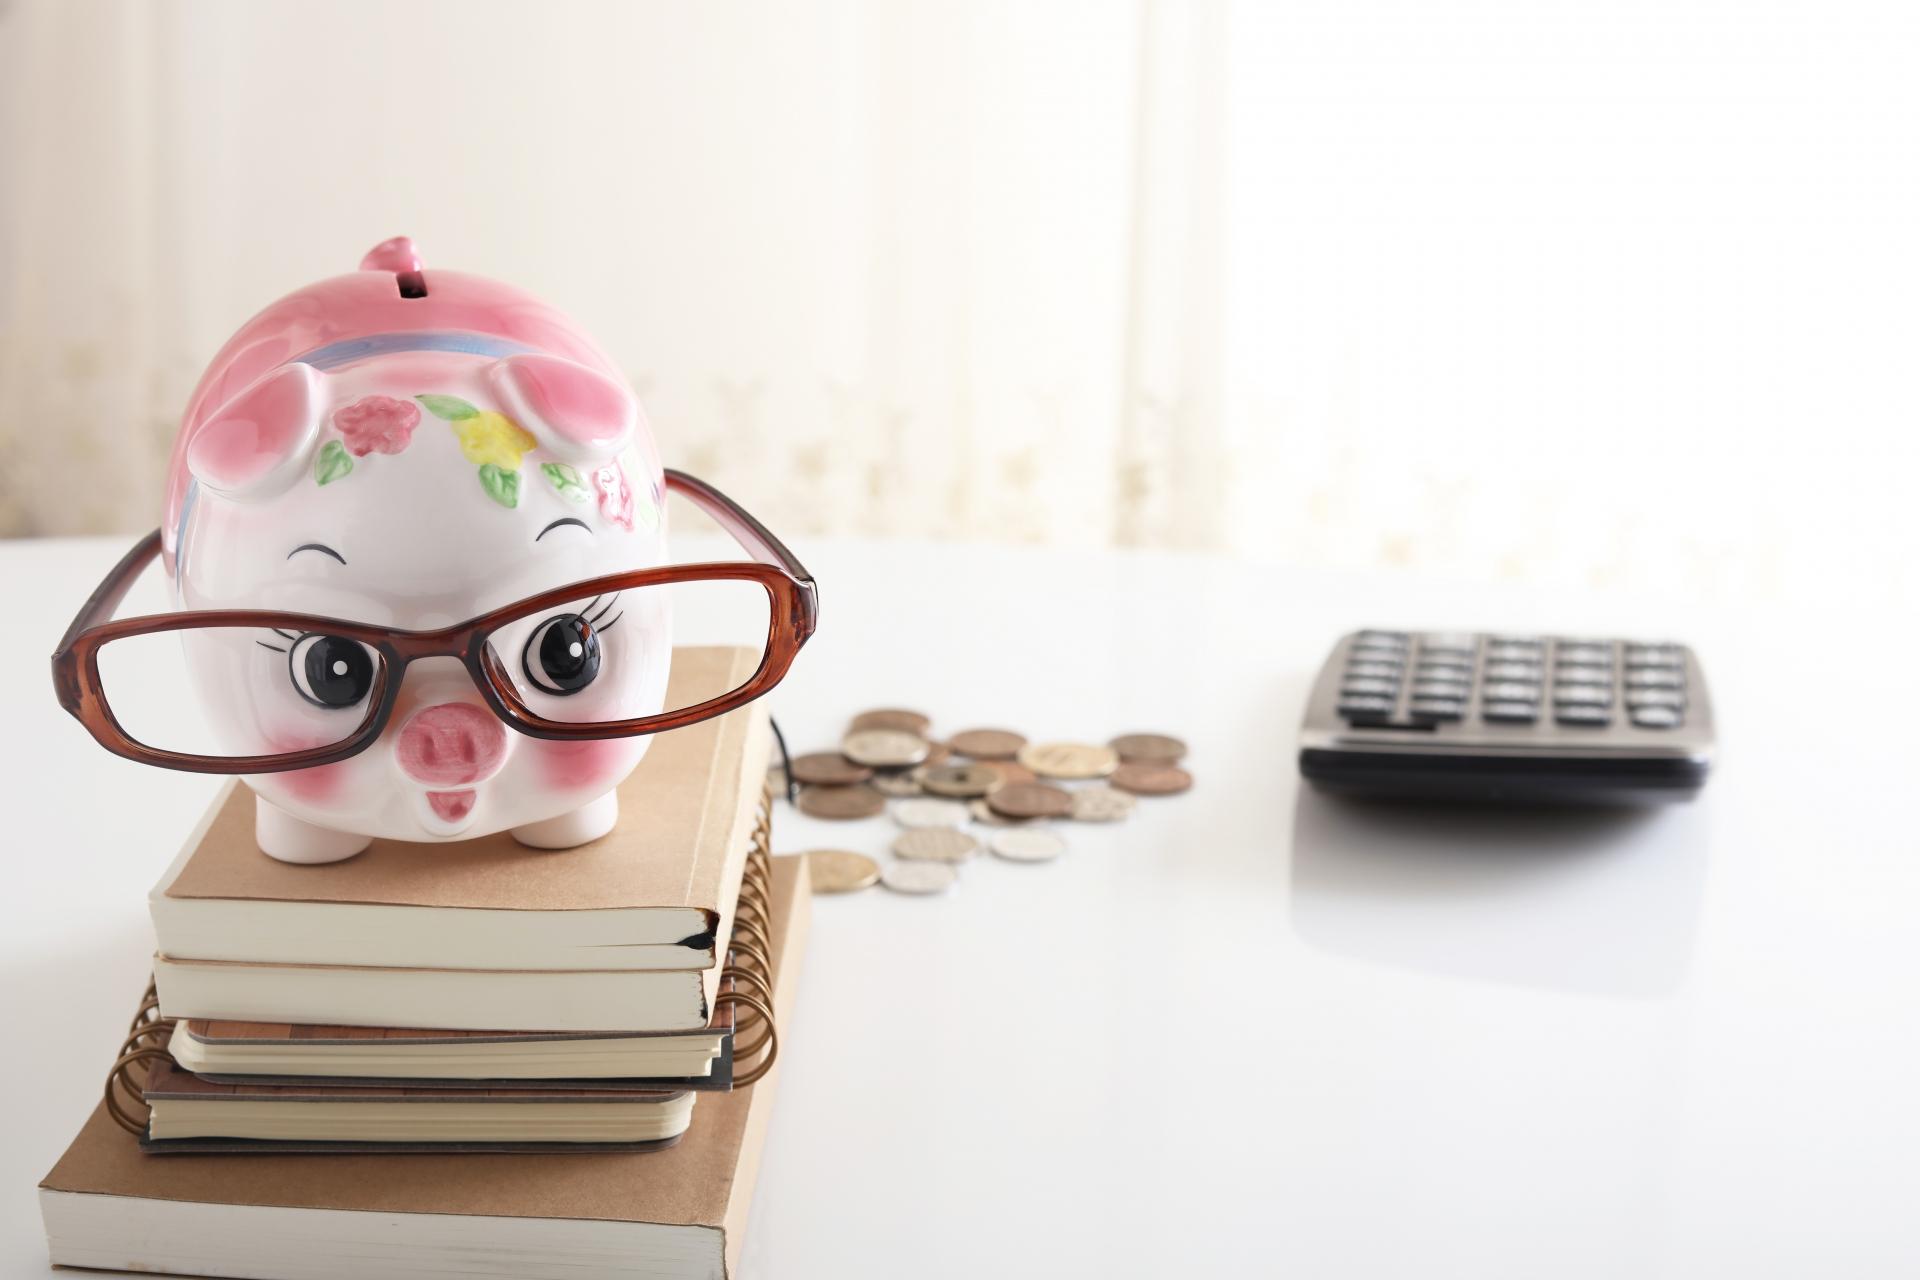 楽しく遊んでしっかり貯金!一人暮らしでもお金を貯める方法